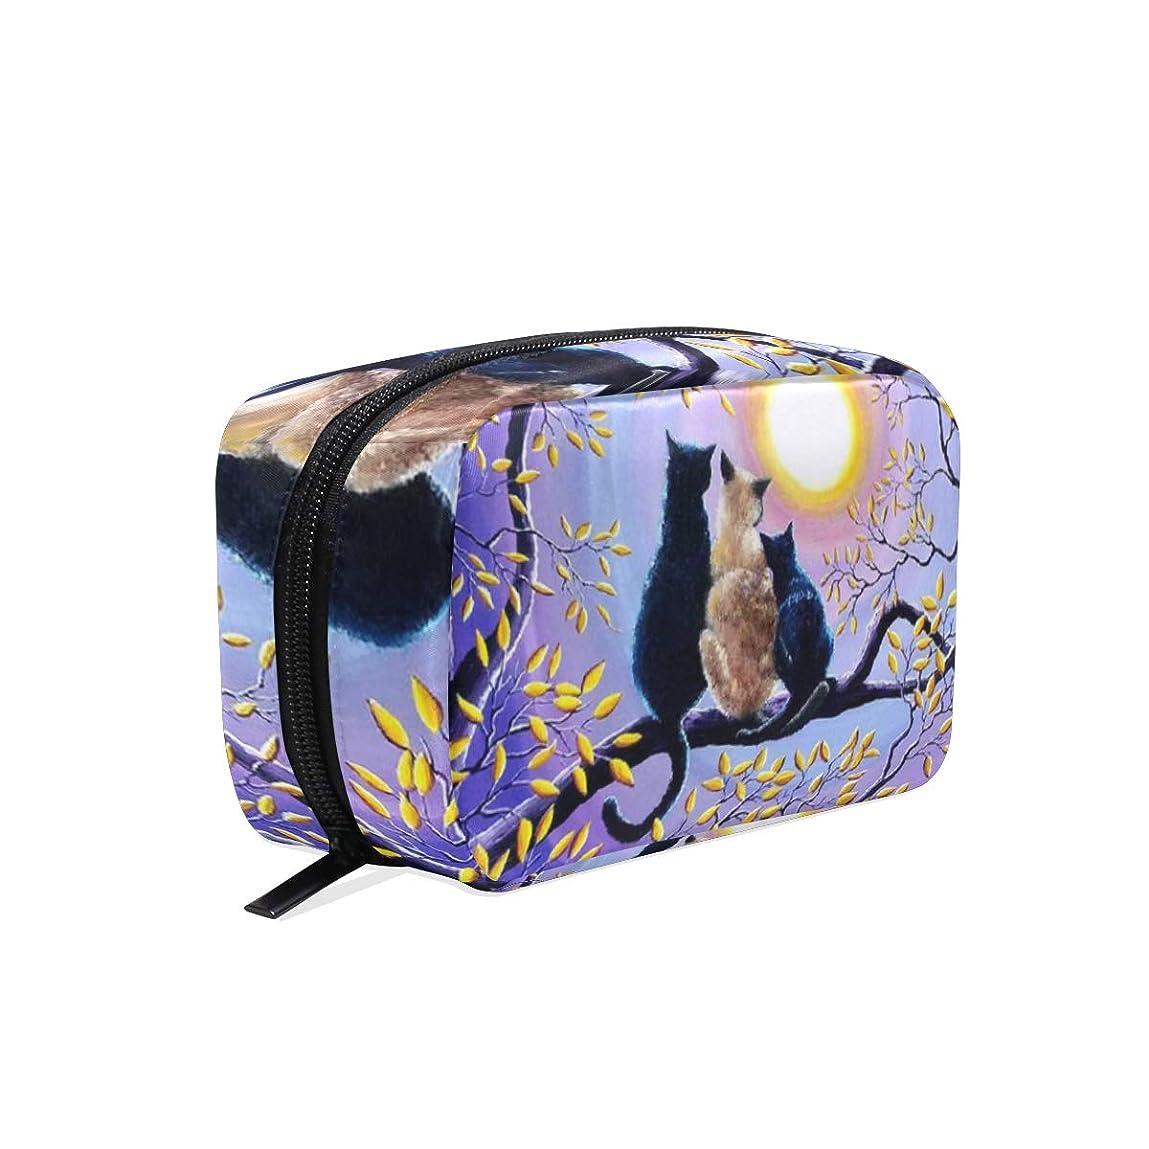 流星沿ってジャンル猫 月様 化粧ポーチ メイクポーチ 機能的 大容量 化粧品収納 小物入れ 普段使い 出張 旅行 メイク ブラシ バッグ 化粧バッグ